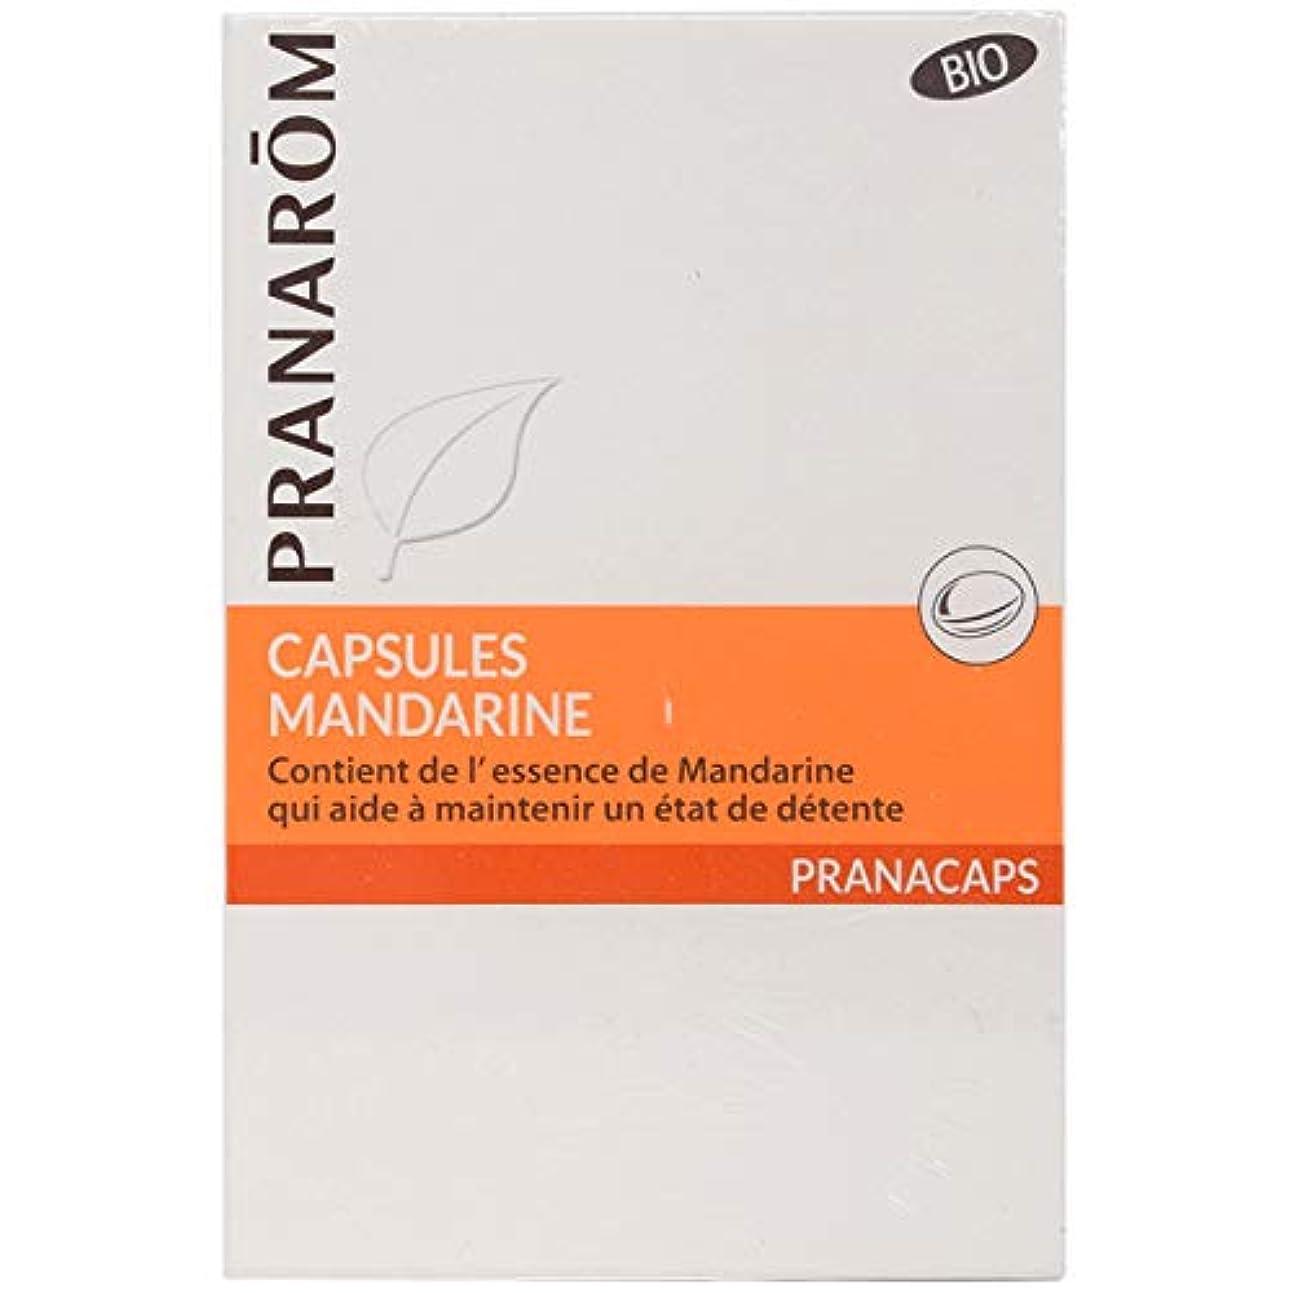 連続した輸送ながらプラナロム マンダリンカプセル 30粒 (PRANAROM サプリメント)